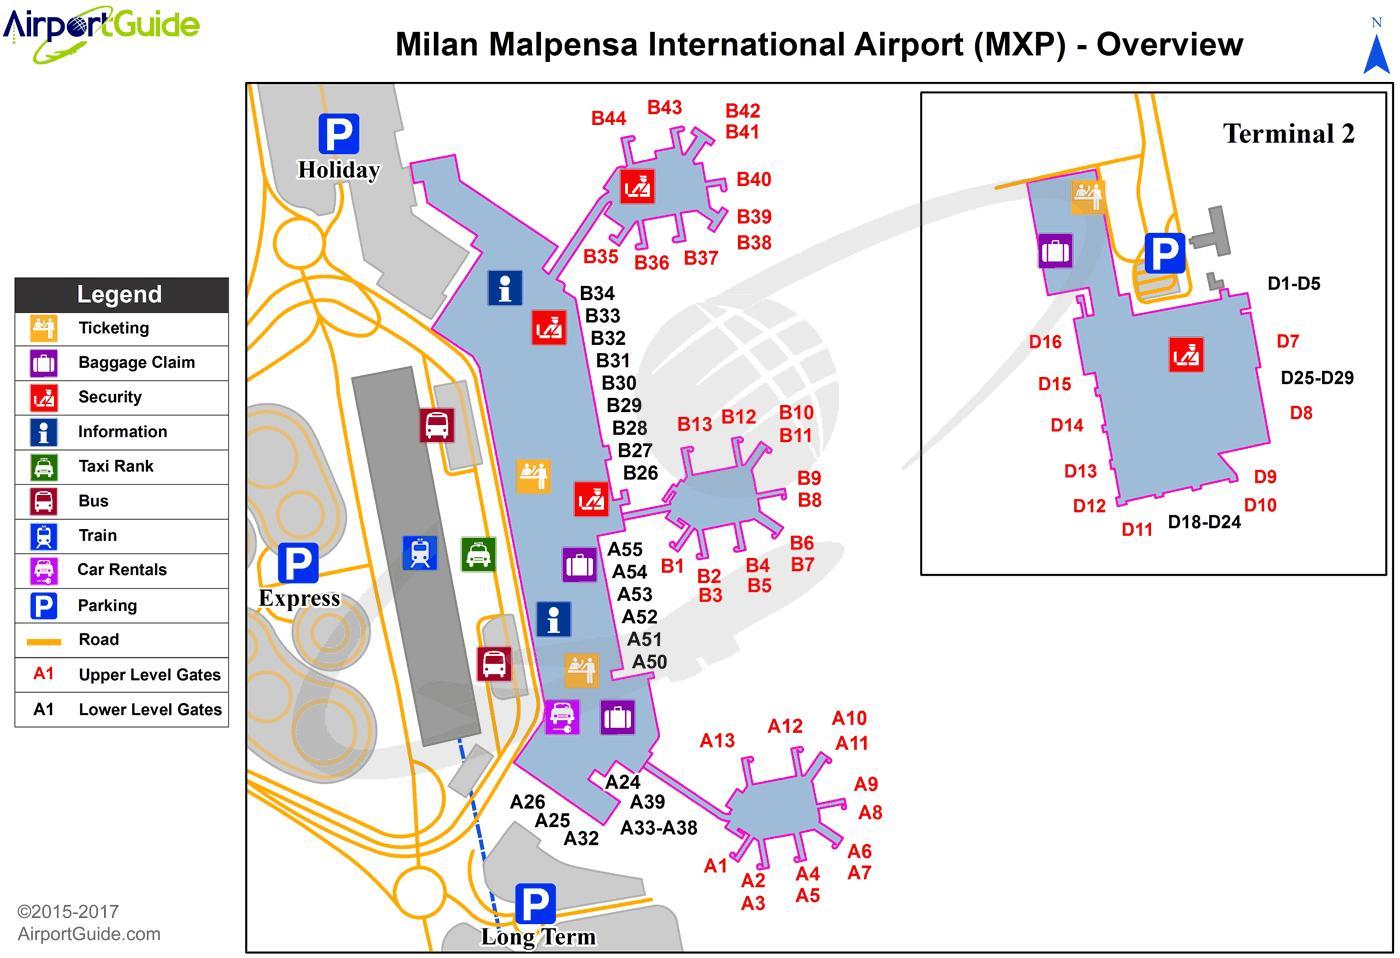 Milano Flygplats Karta Milano Flygplats Karta Lombardiet Italien